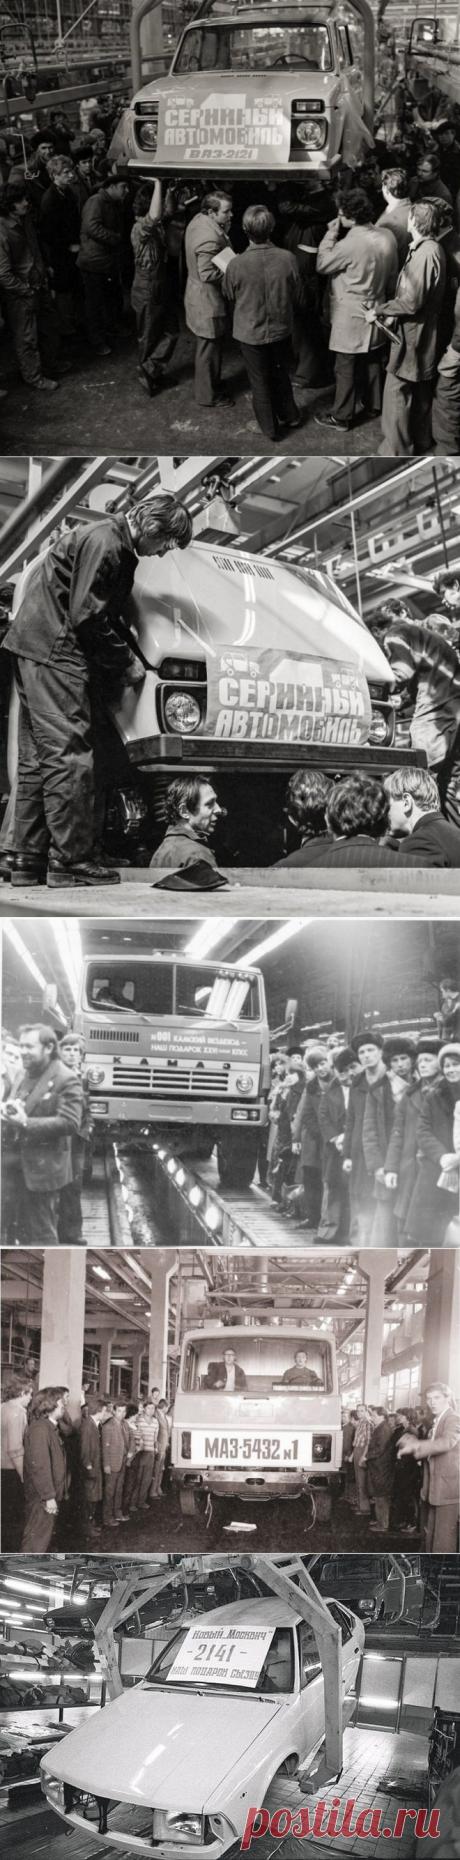 Первые советские автомобили / Назад в СССР / Back in USSR